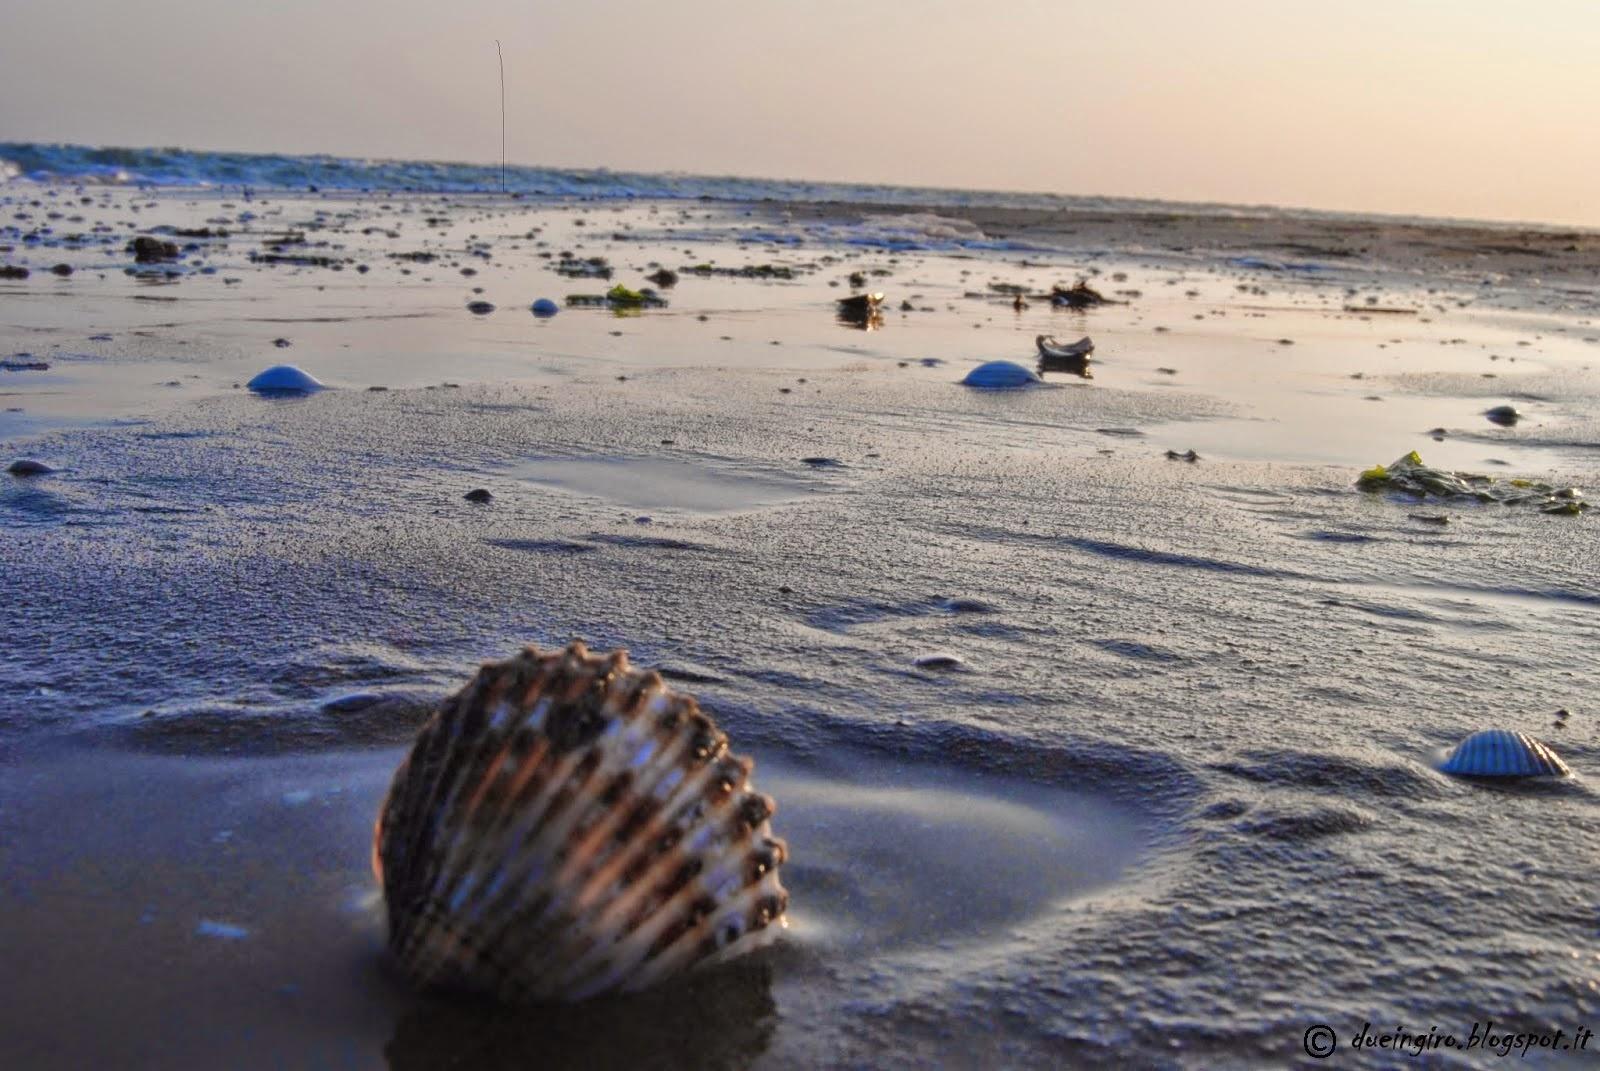 Brussa la nostra spiaggia preferita - Alla colorazione della spiaggia ...